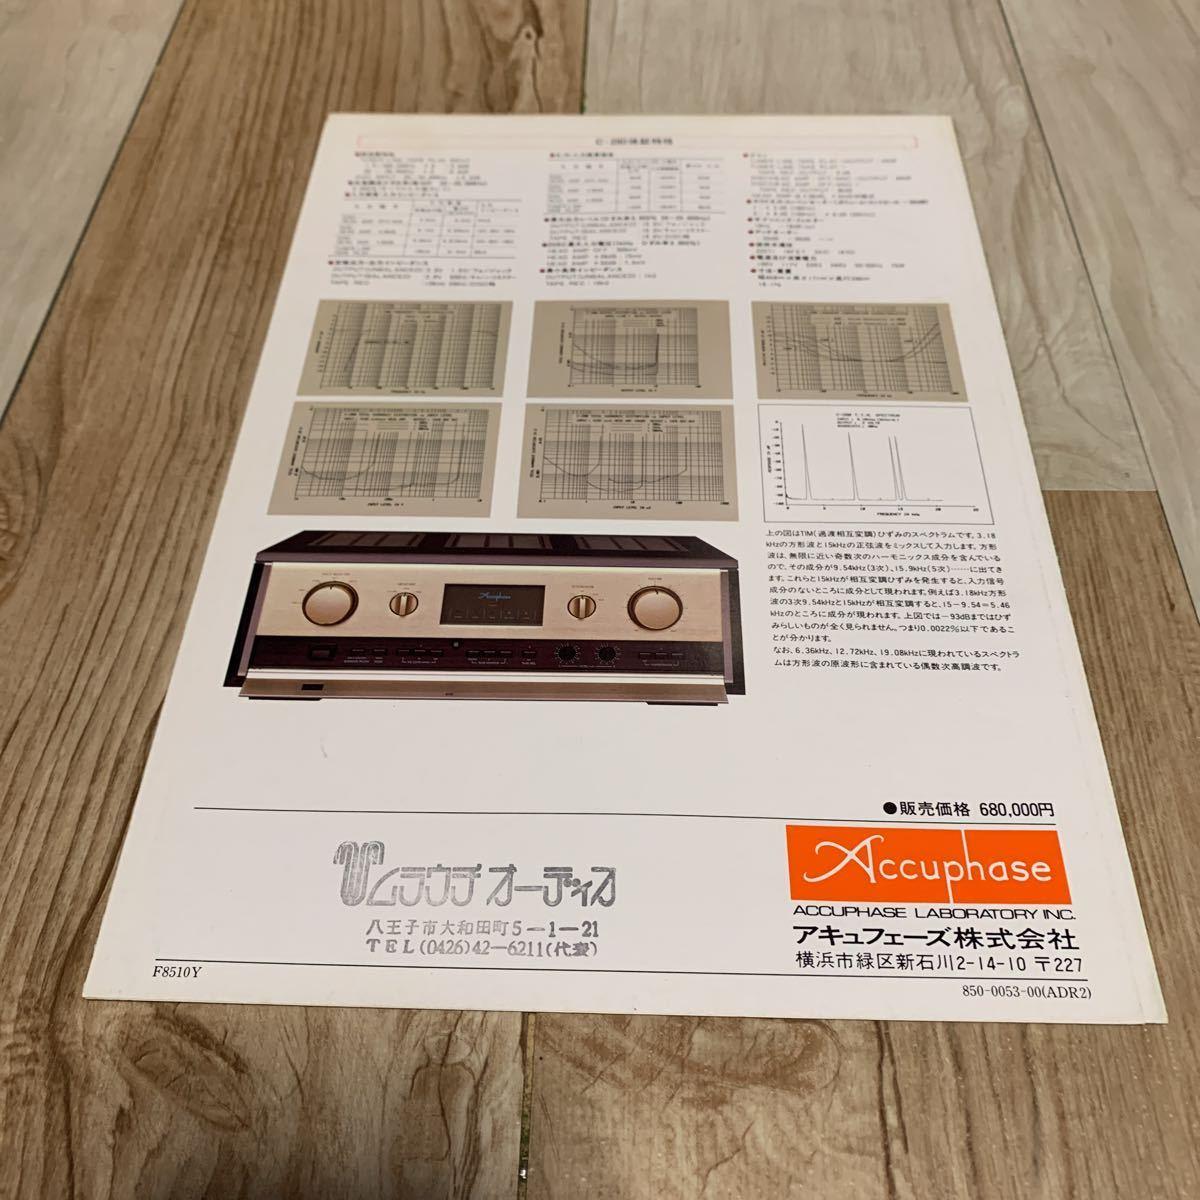 Accuphase アキュフェーズ ステレオプリアンプC-280 オリジナルカタログ_画像2